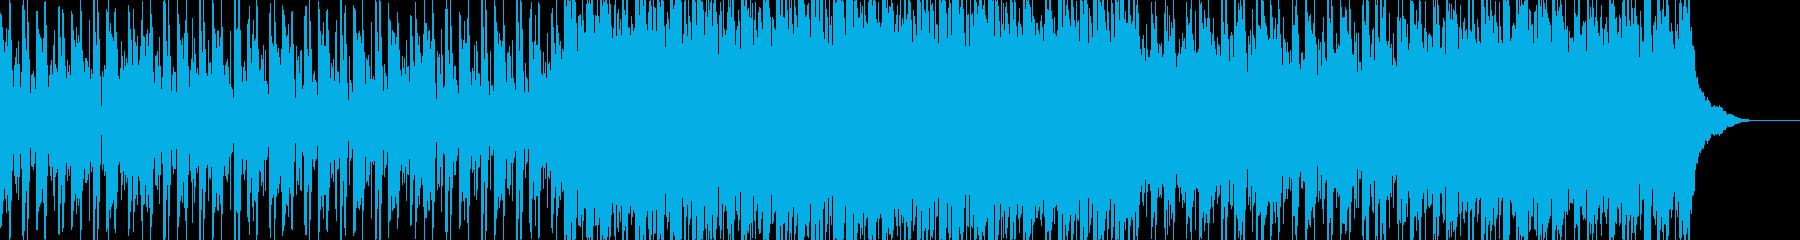 ポップなテーマの曲の再生済みの波形